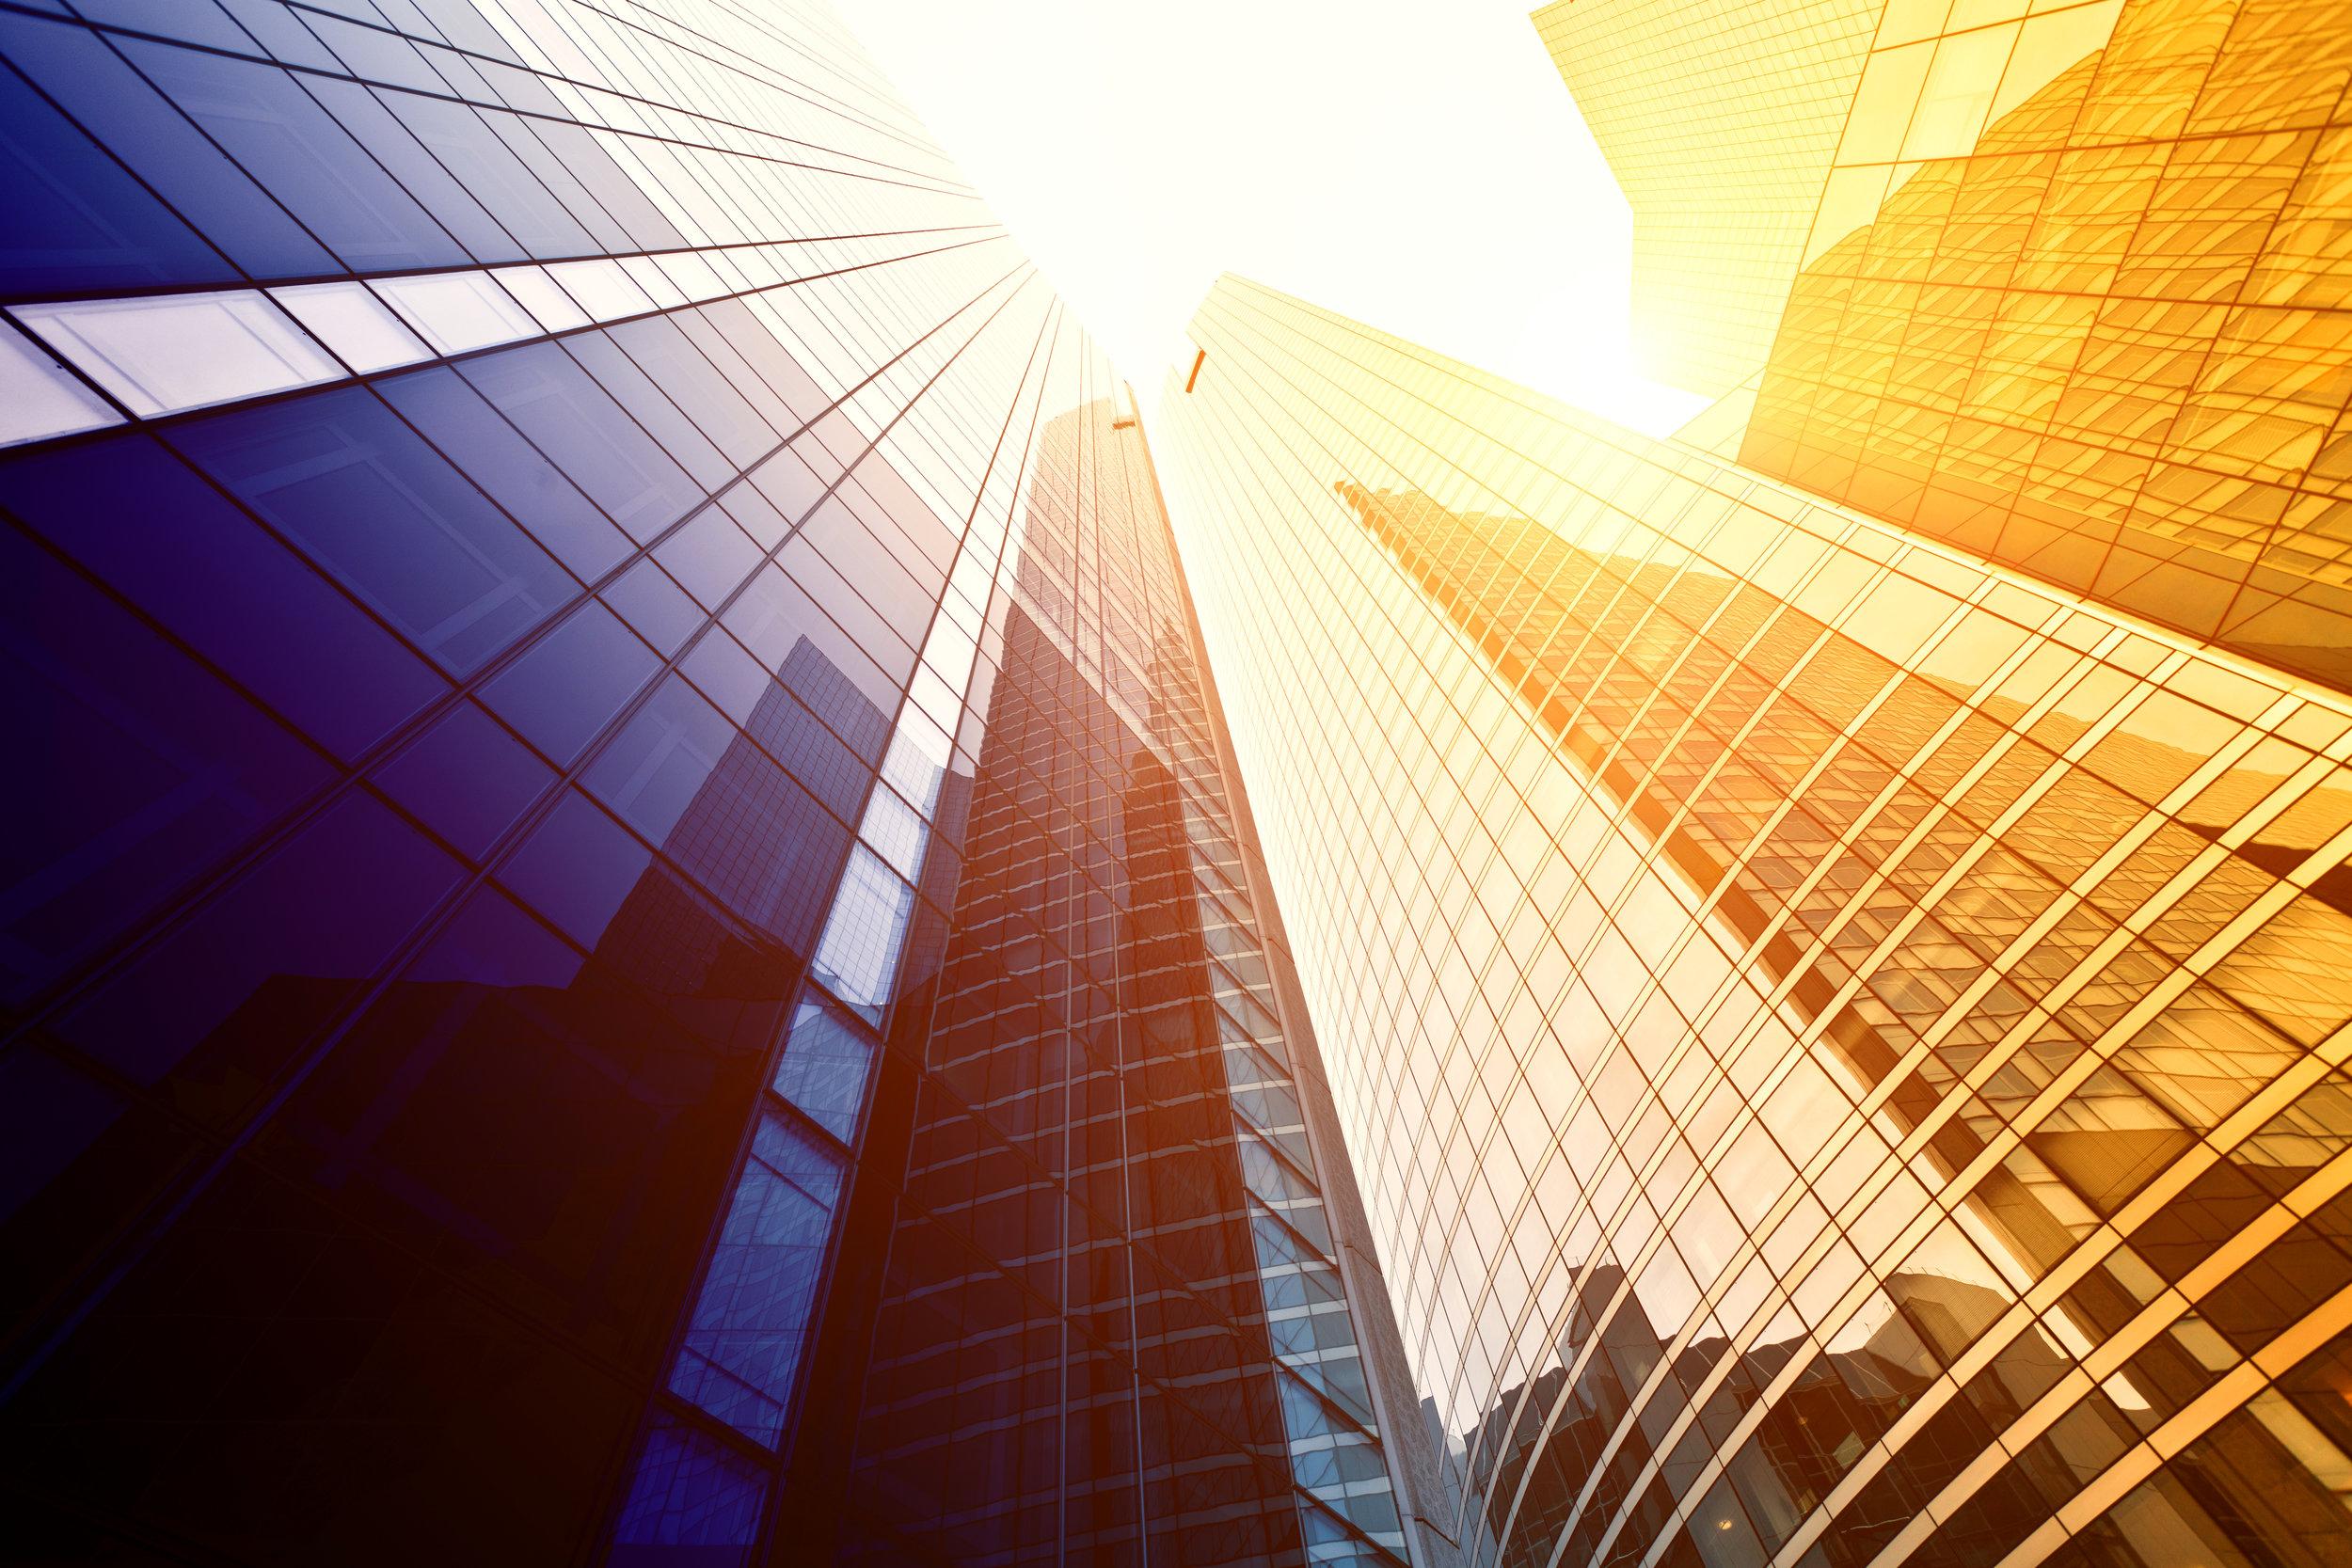 Capacidad global, enfoque local - En Crowe ayudamos a nuestros clientes a tomar decisiones inteligentes hoy que generen un valor duradero en el futuro.